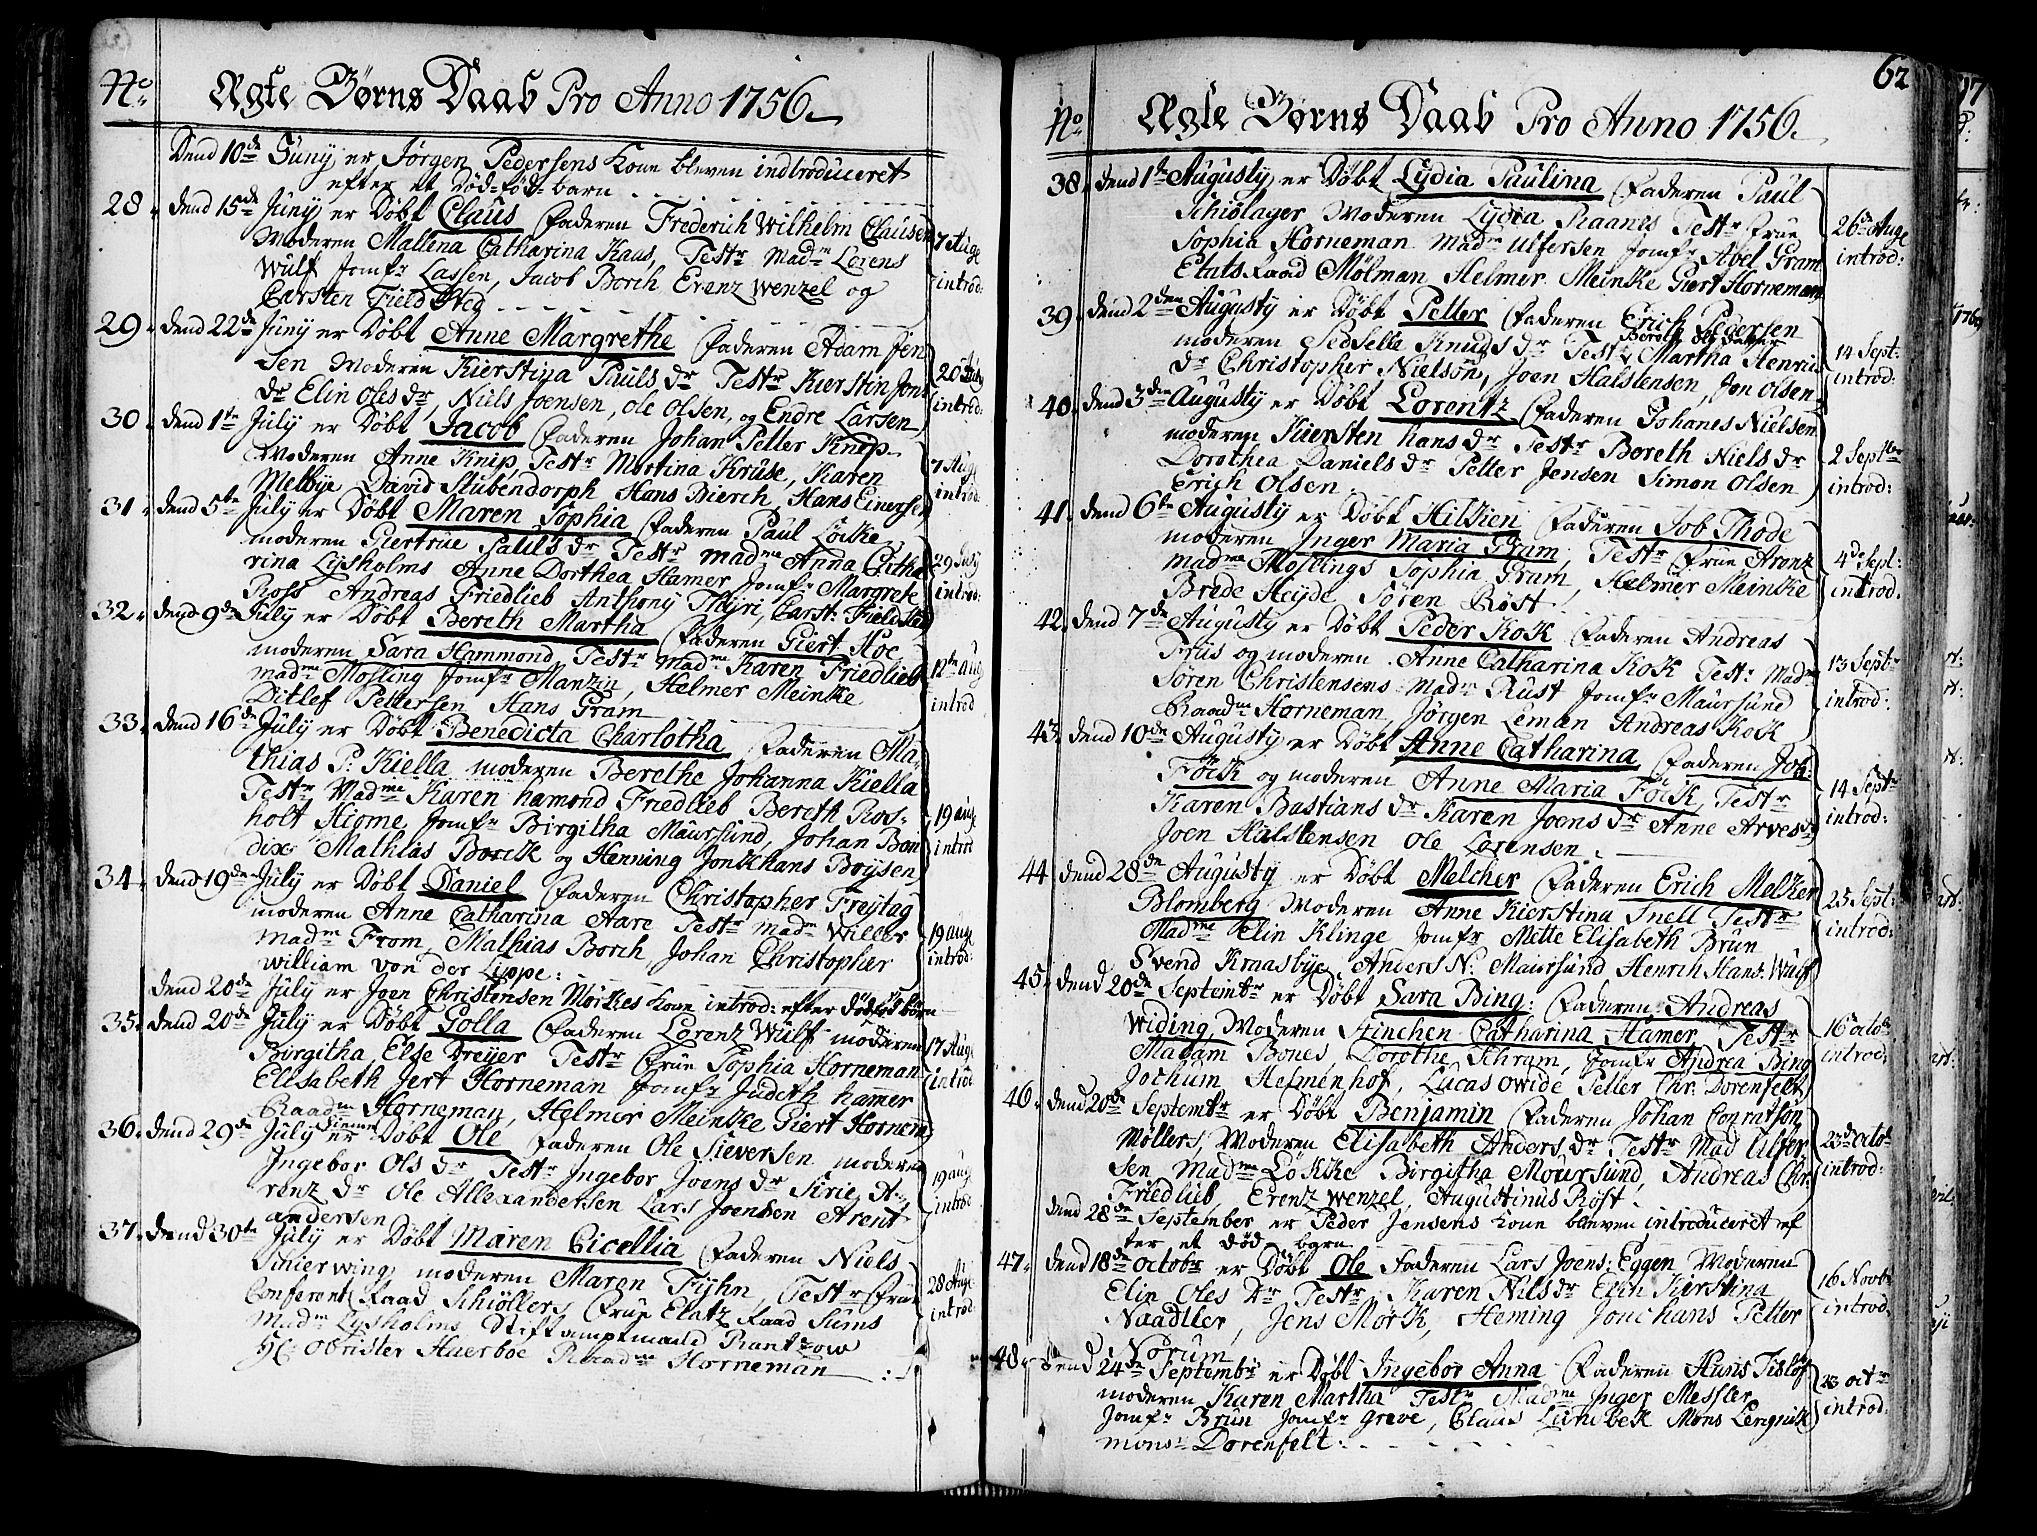 SAT, Ministerialprotokoller, klokkerbøker og fødselsregistre - Sør-Trøndelag, 602/L0103: Ministerialbok nr. 602A01, 1732-1774, s. 62